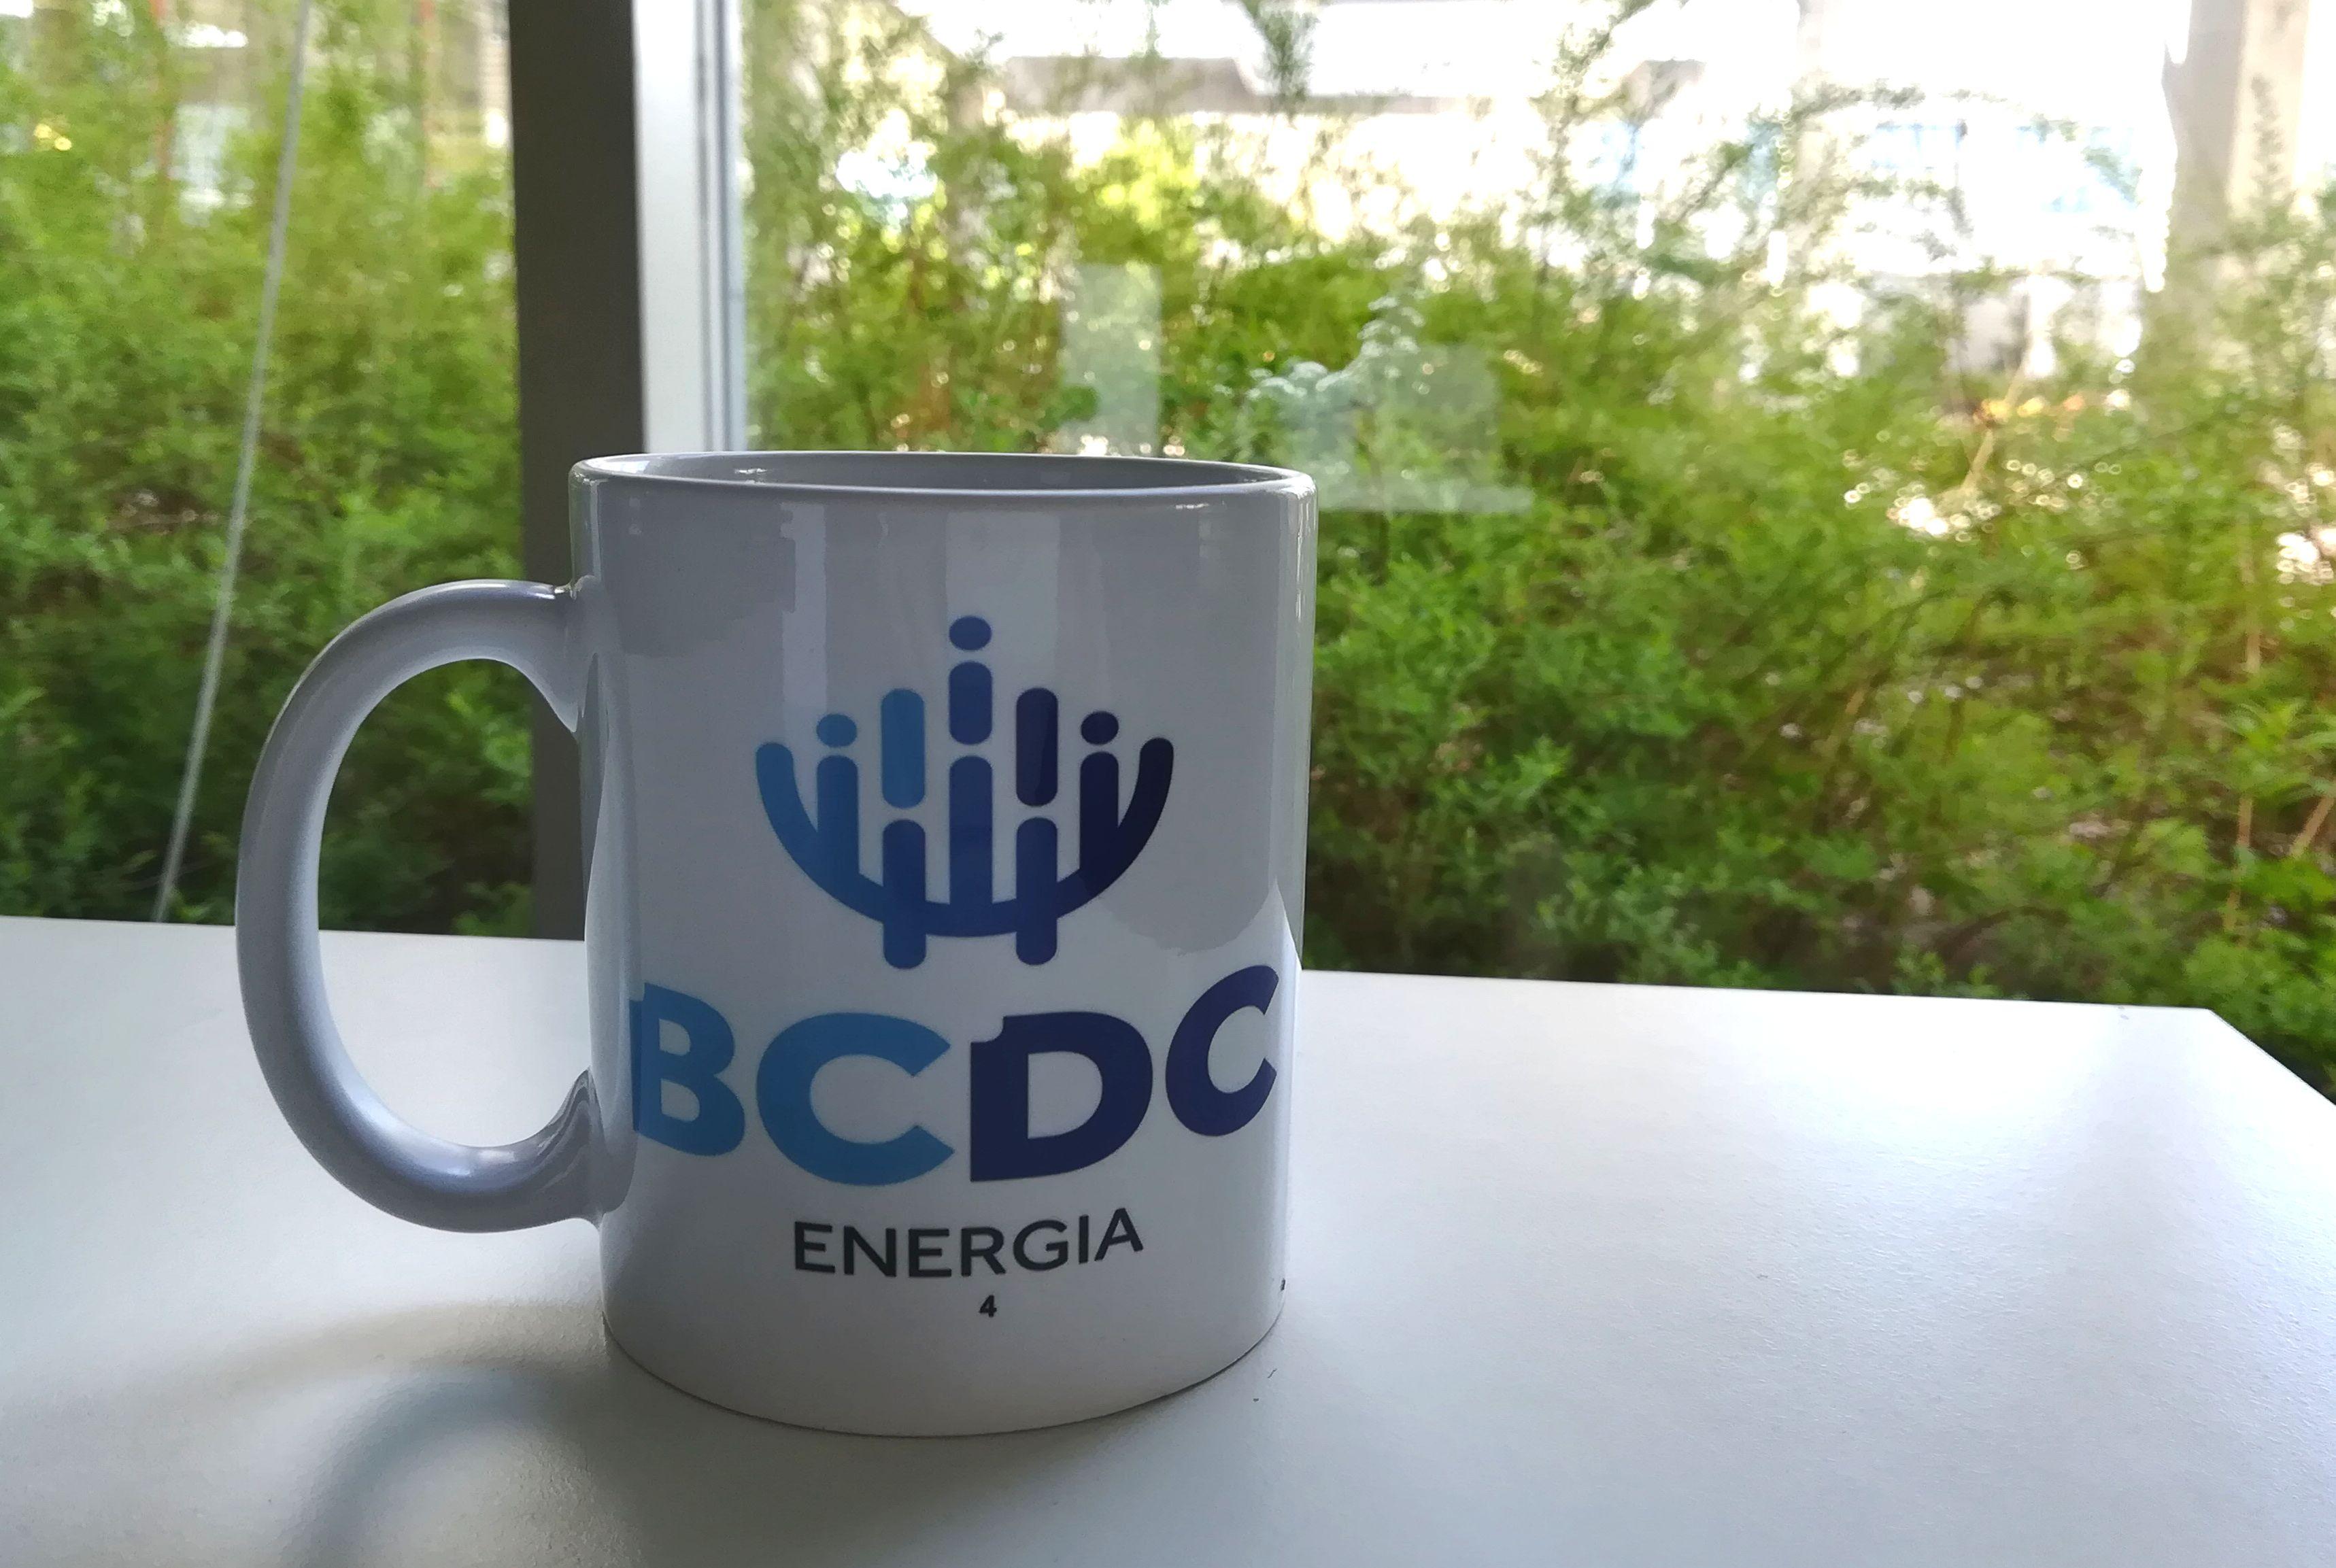 rauli svento, bcdc energian tarina, bcdc energia, oulun yliopiston kauppakorkeakoulu, strateginen tutkimus, stn, sventon kahvipannu, maria kopsakangas-savolainen, suomen ympäristökeskus, energiasääennuste, kysyntäjousto